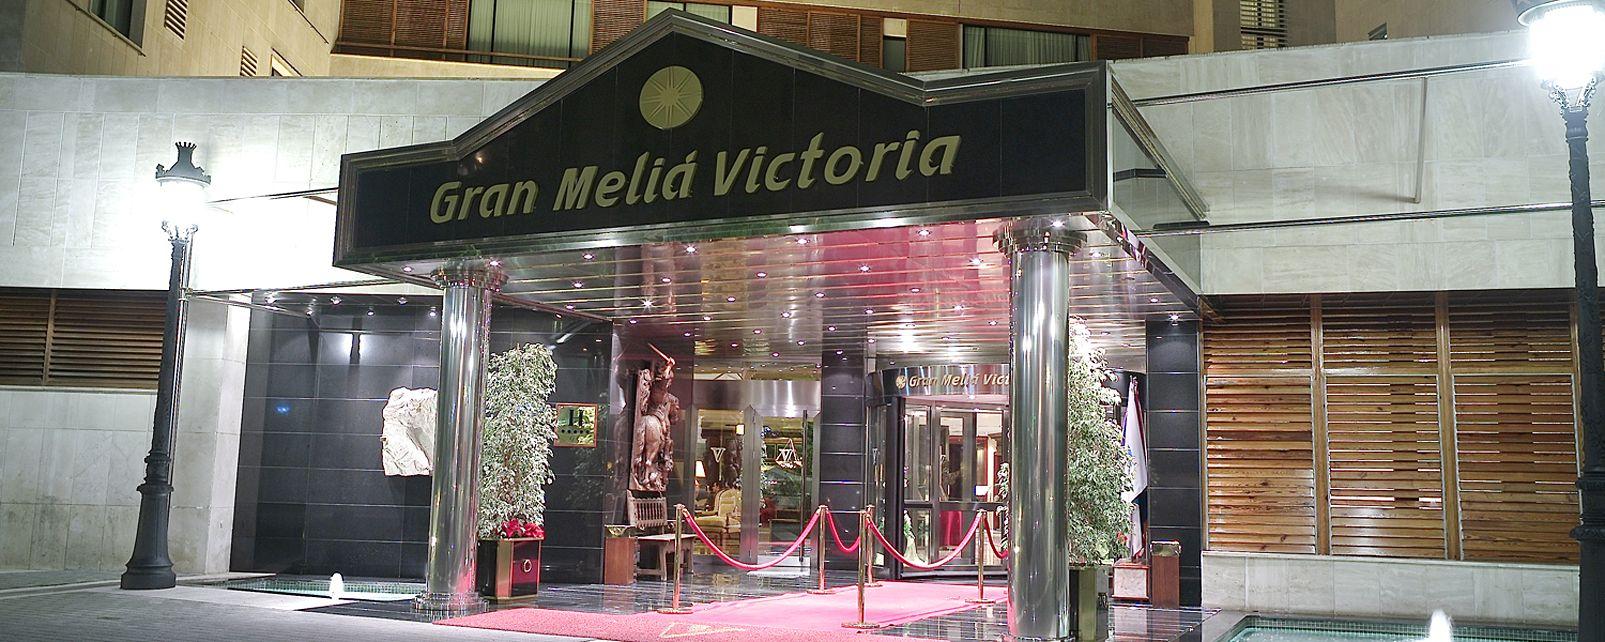 Hôtel Gran Meliá Victoria